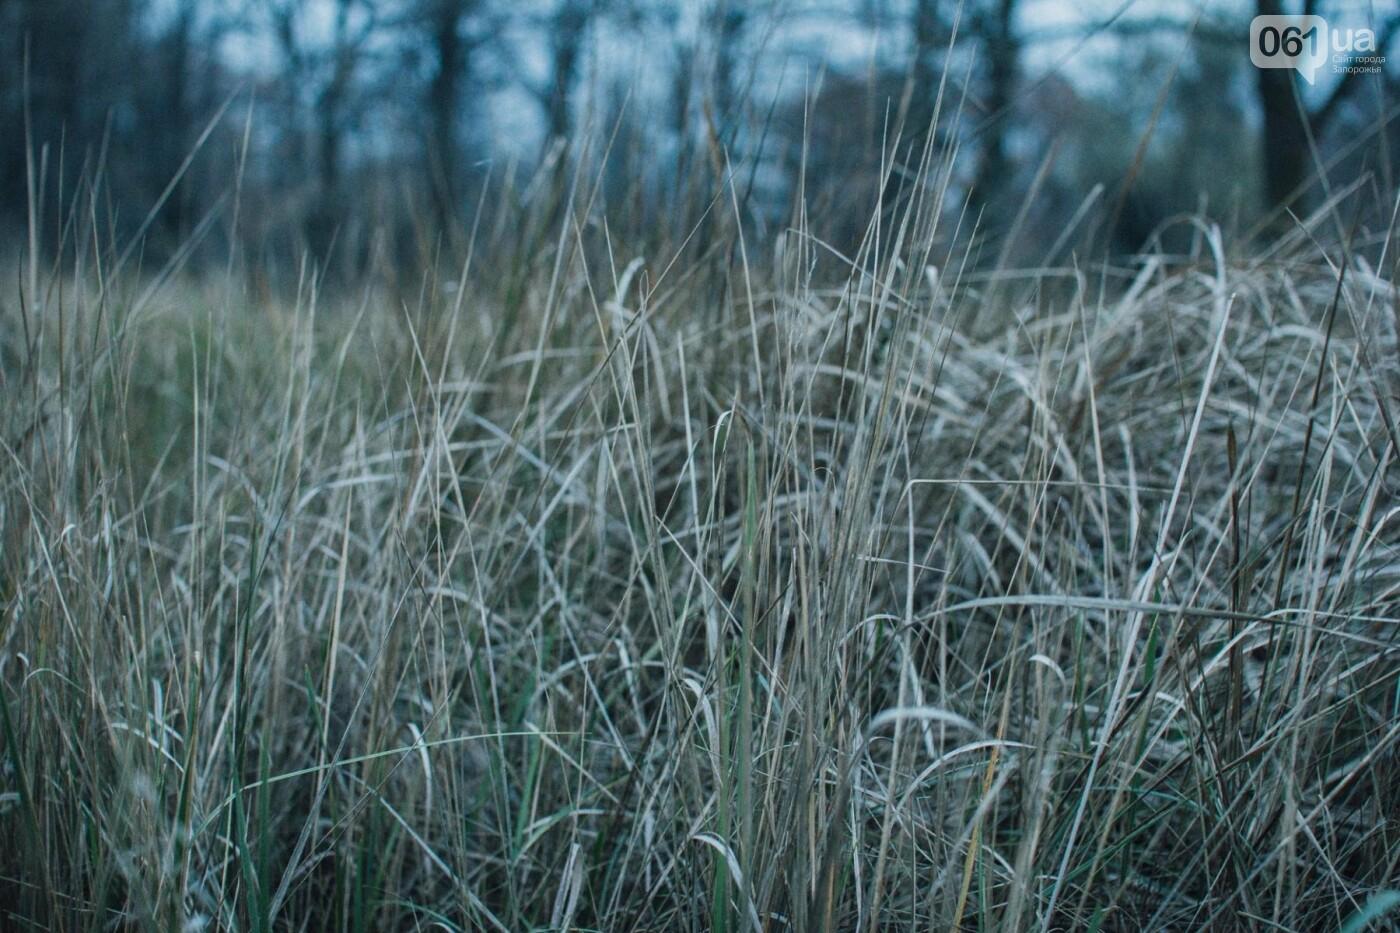 Четыре дня до зимы: как выглядит Хортица поздней осенью, - ФОТОРЕПОРТАЖ, фото-21